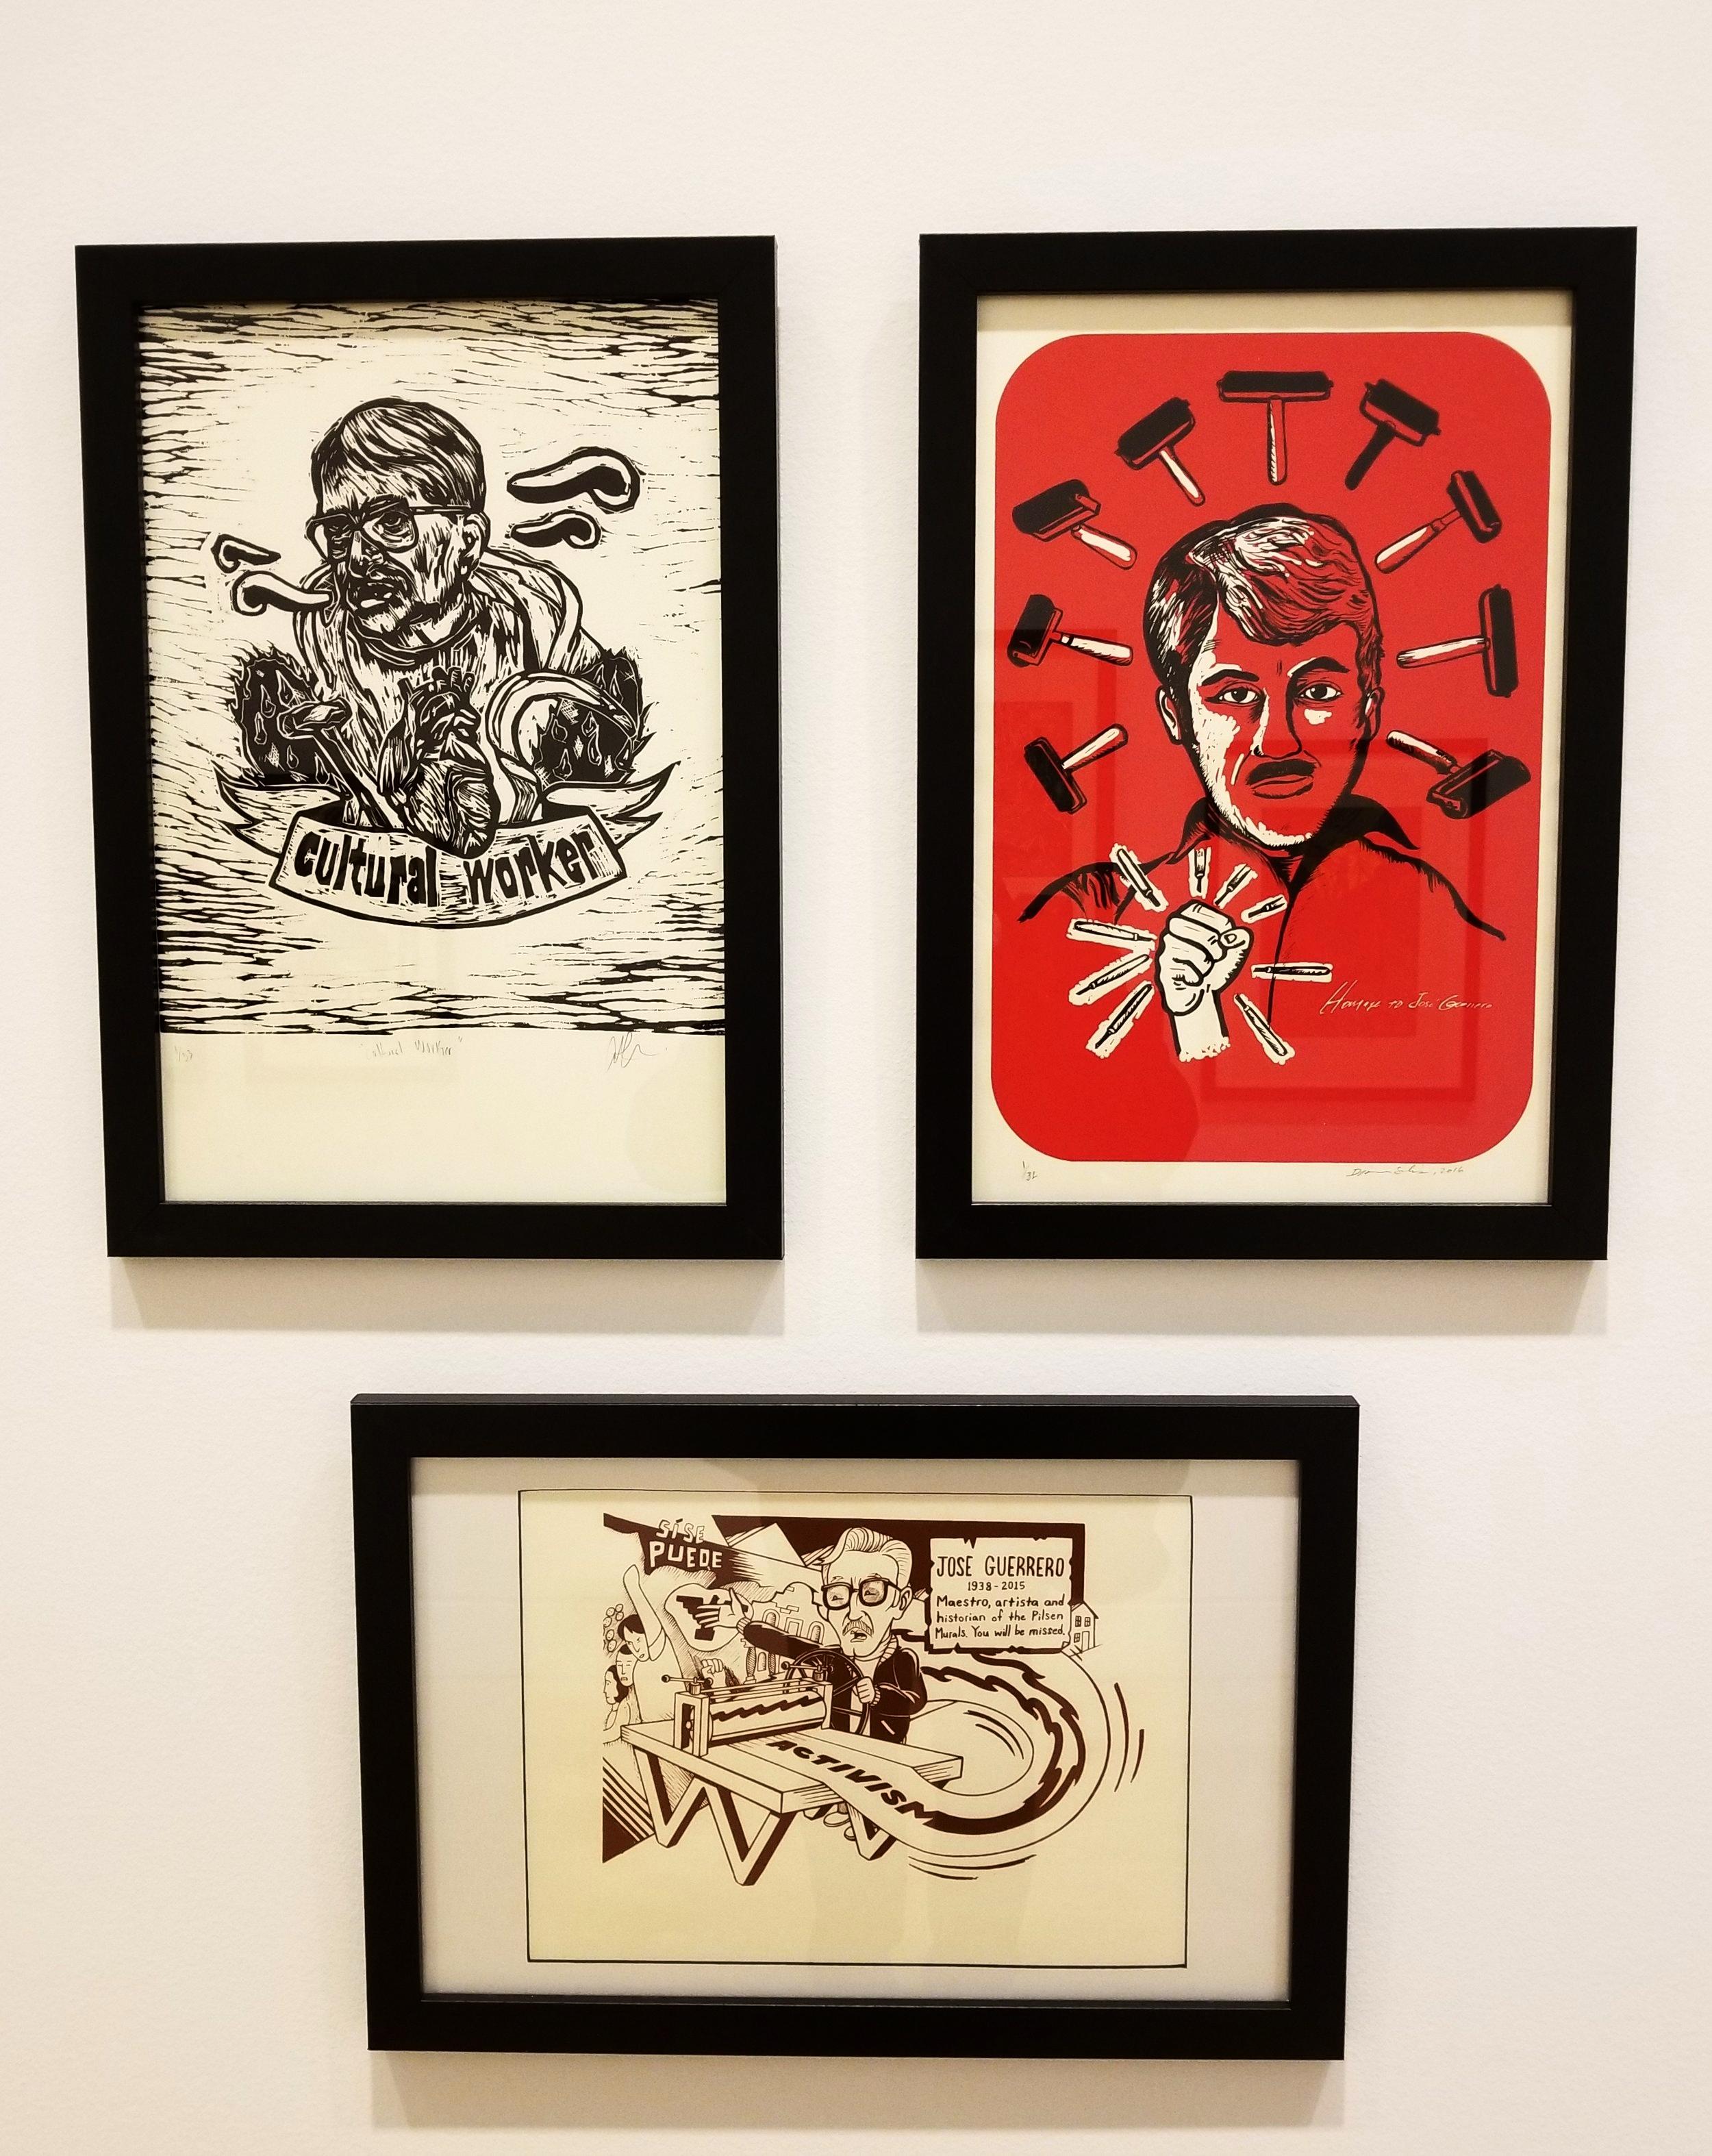 CULTURAL WORKER, 2016 Antonio Pazaran, UNTITLED, 2016 Diana Solis & (bottom) MAESTRO GUERRERO, 2016 Eric Garcia